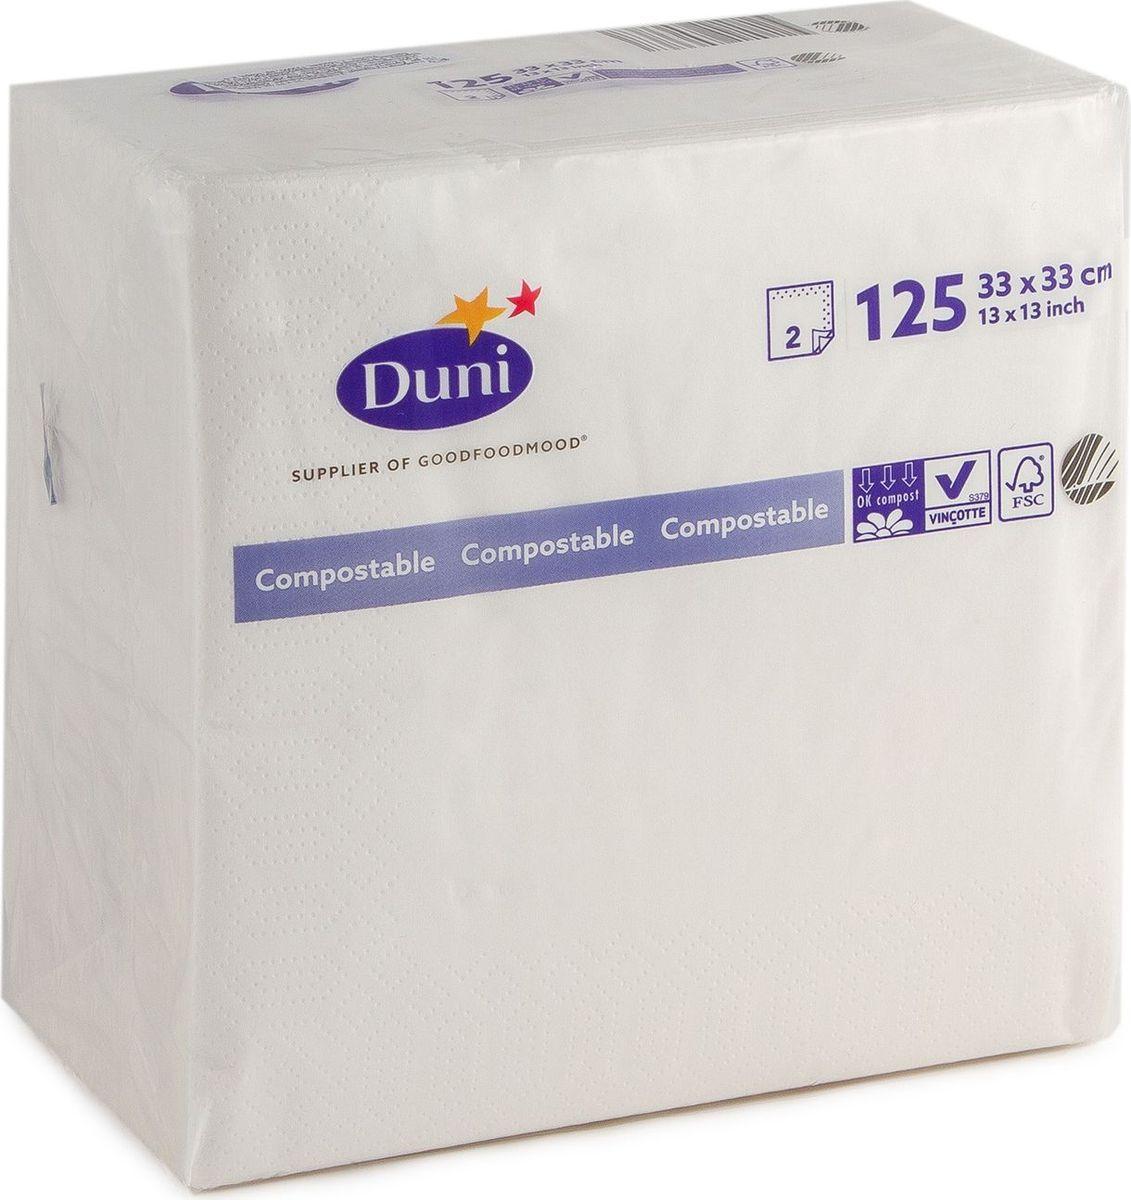 Салфетки бумажные Duni, 2-слойные, 33 х 33 см, 125 шт180376Многослойные бумажные салфетки изготовлены из экологически чистого, высококачественного сырья - 100% целлюлозы. Салфетки выполнены в оригинальном и современном стиле, прекрасно сочетаются с любым интерьером и всегда будут прекрасным и незаменимым украшением стола.